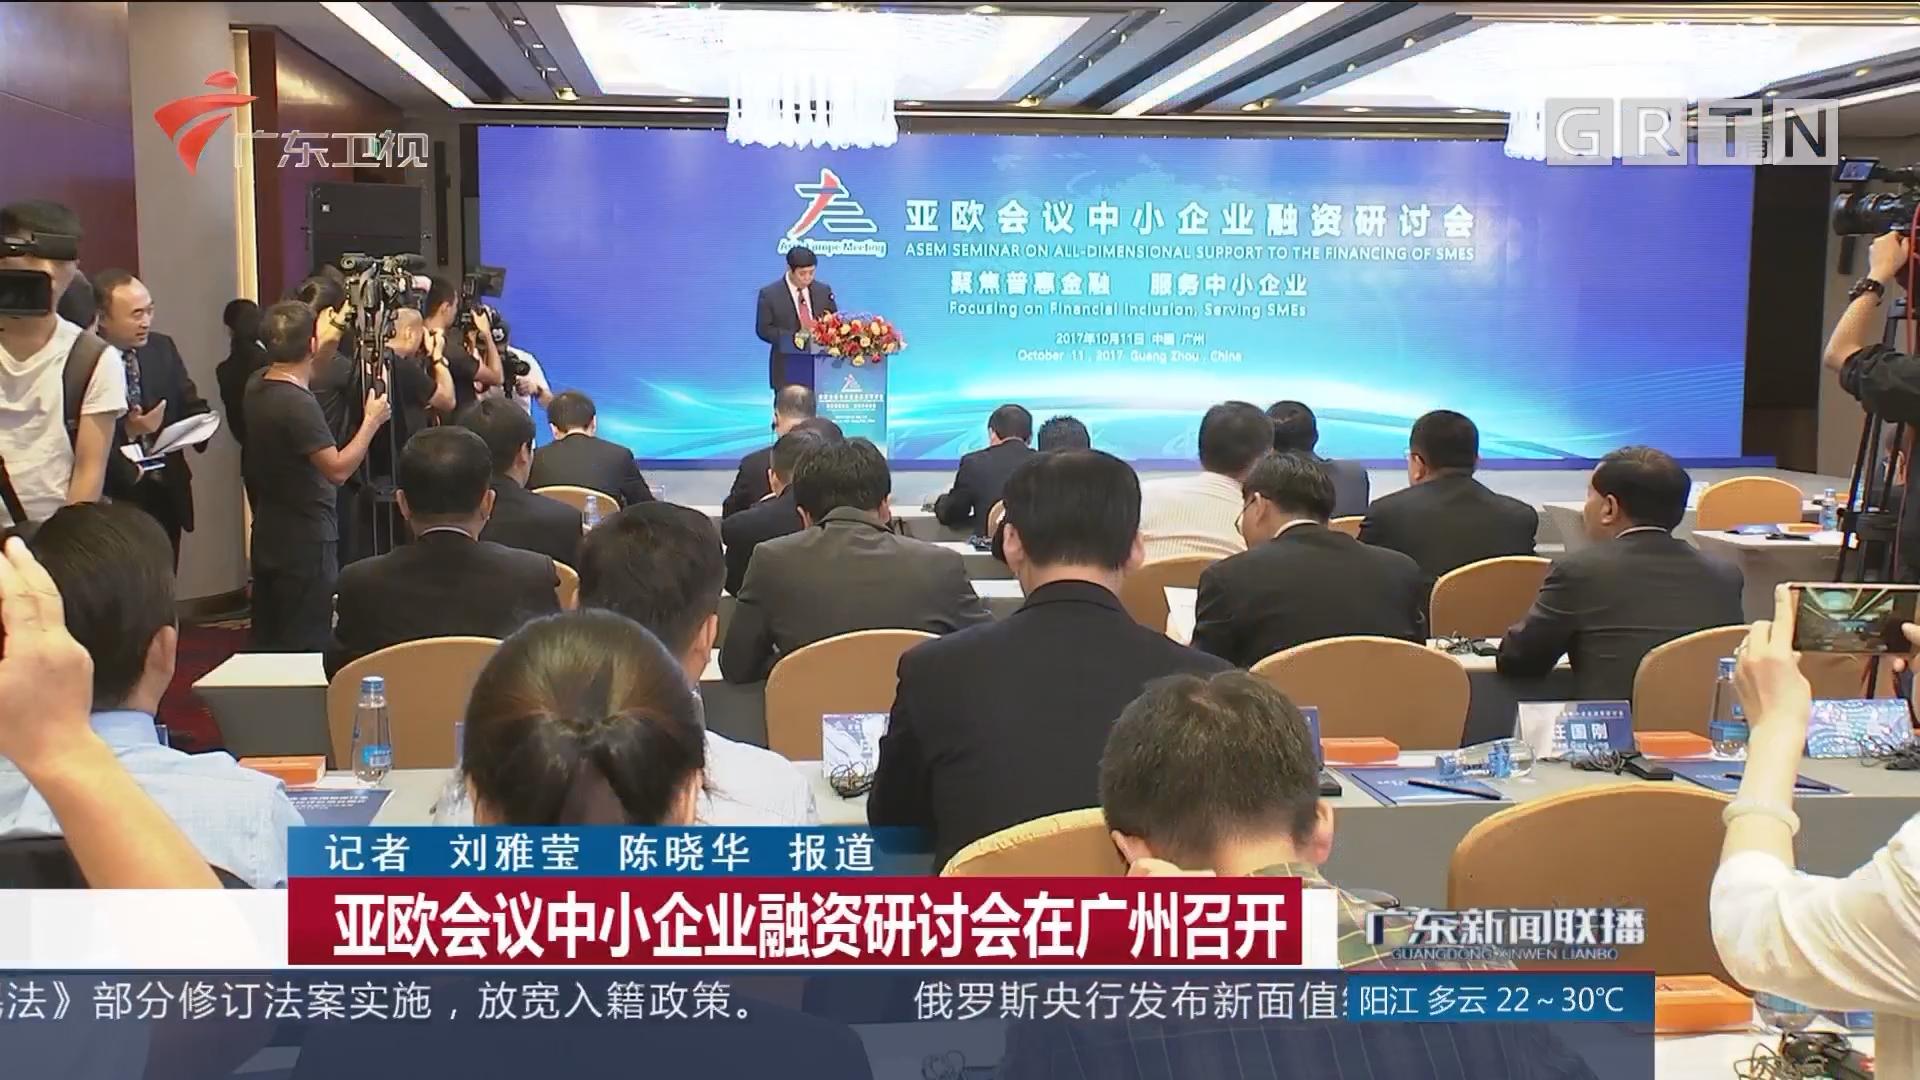 亚欧会议中小企业融资研讨会在广州召开